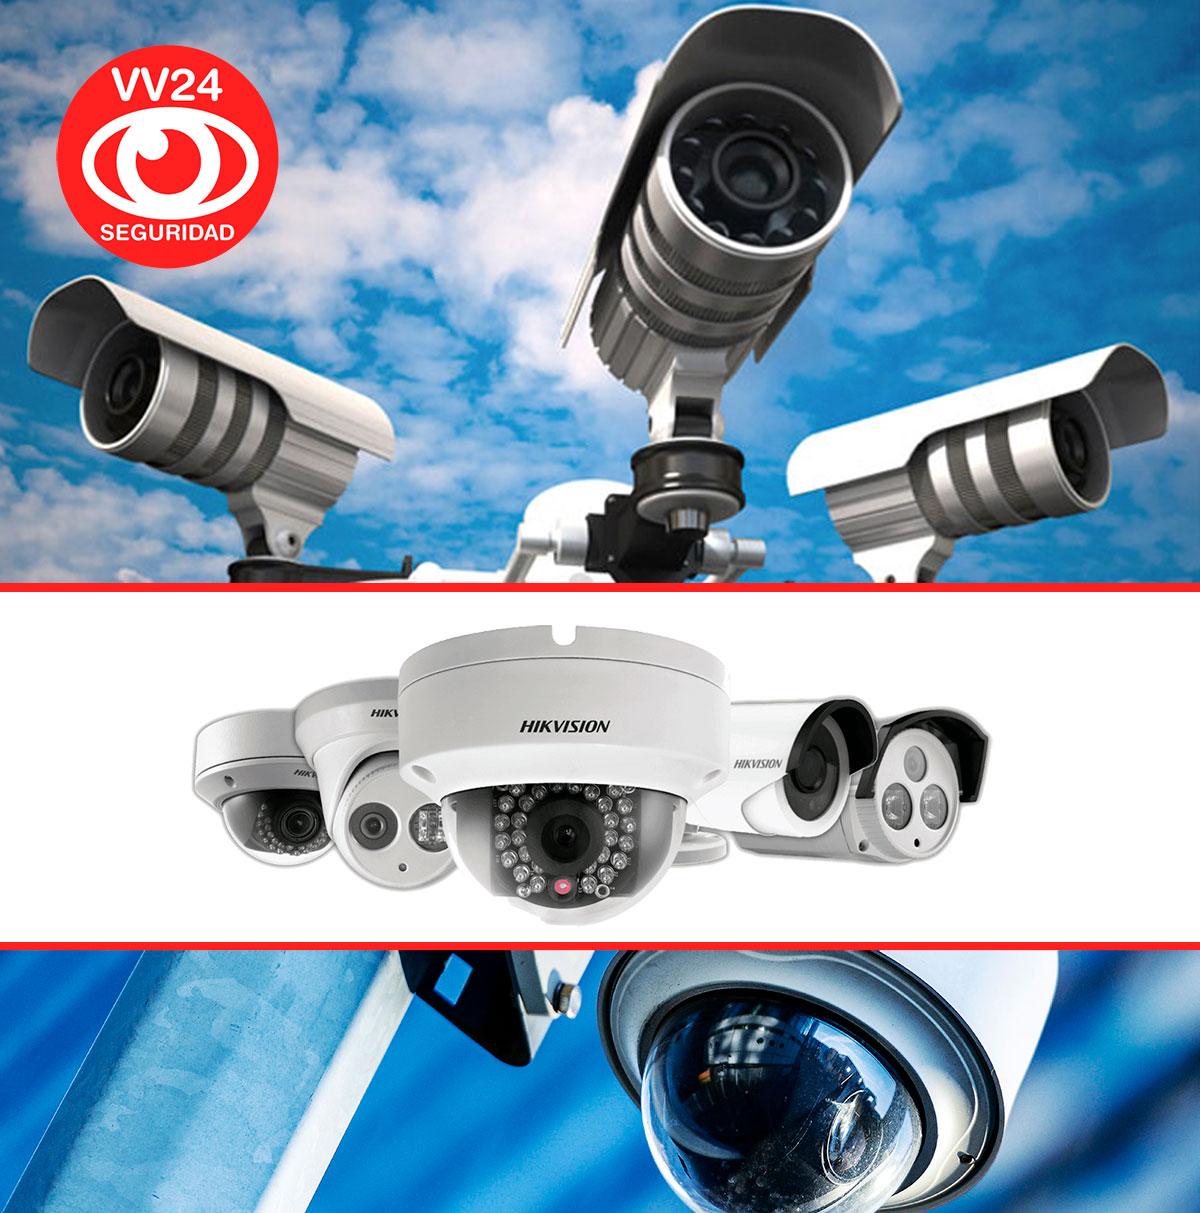 camaras-video-vigilancia